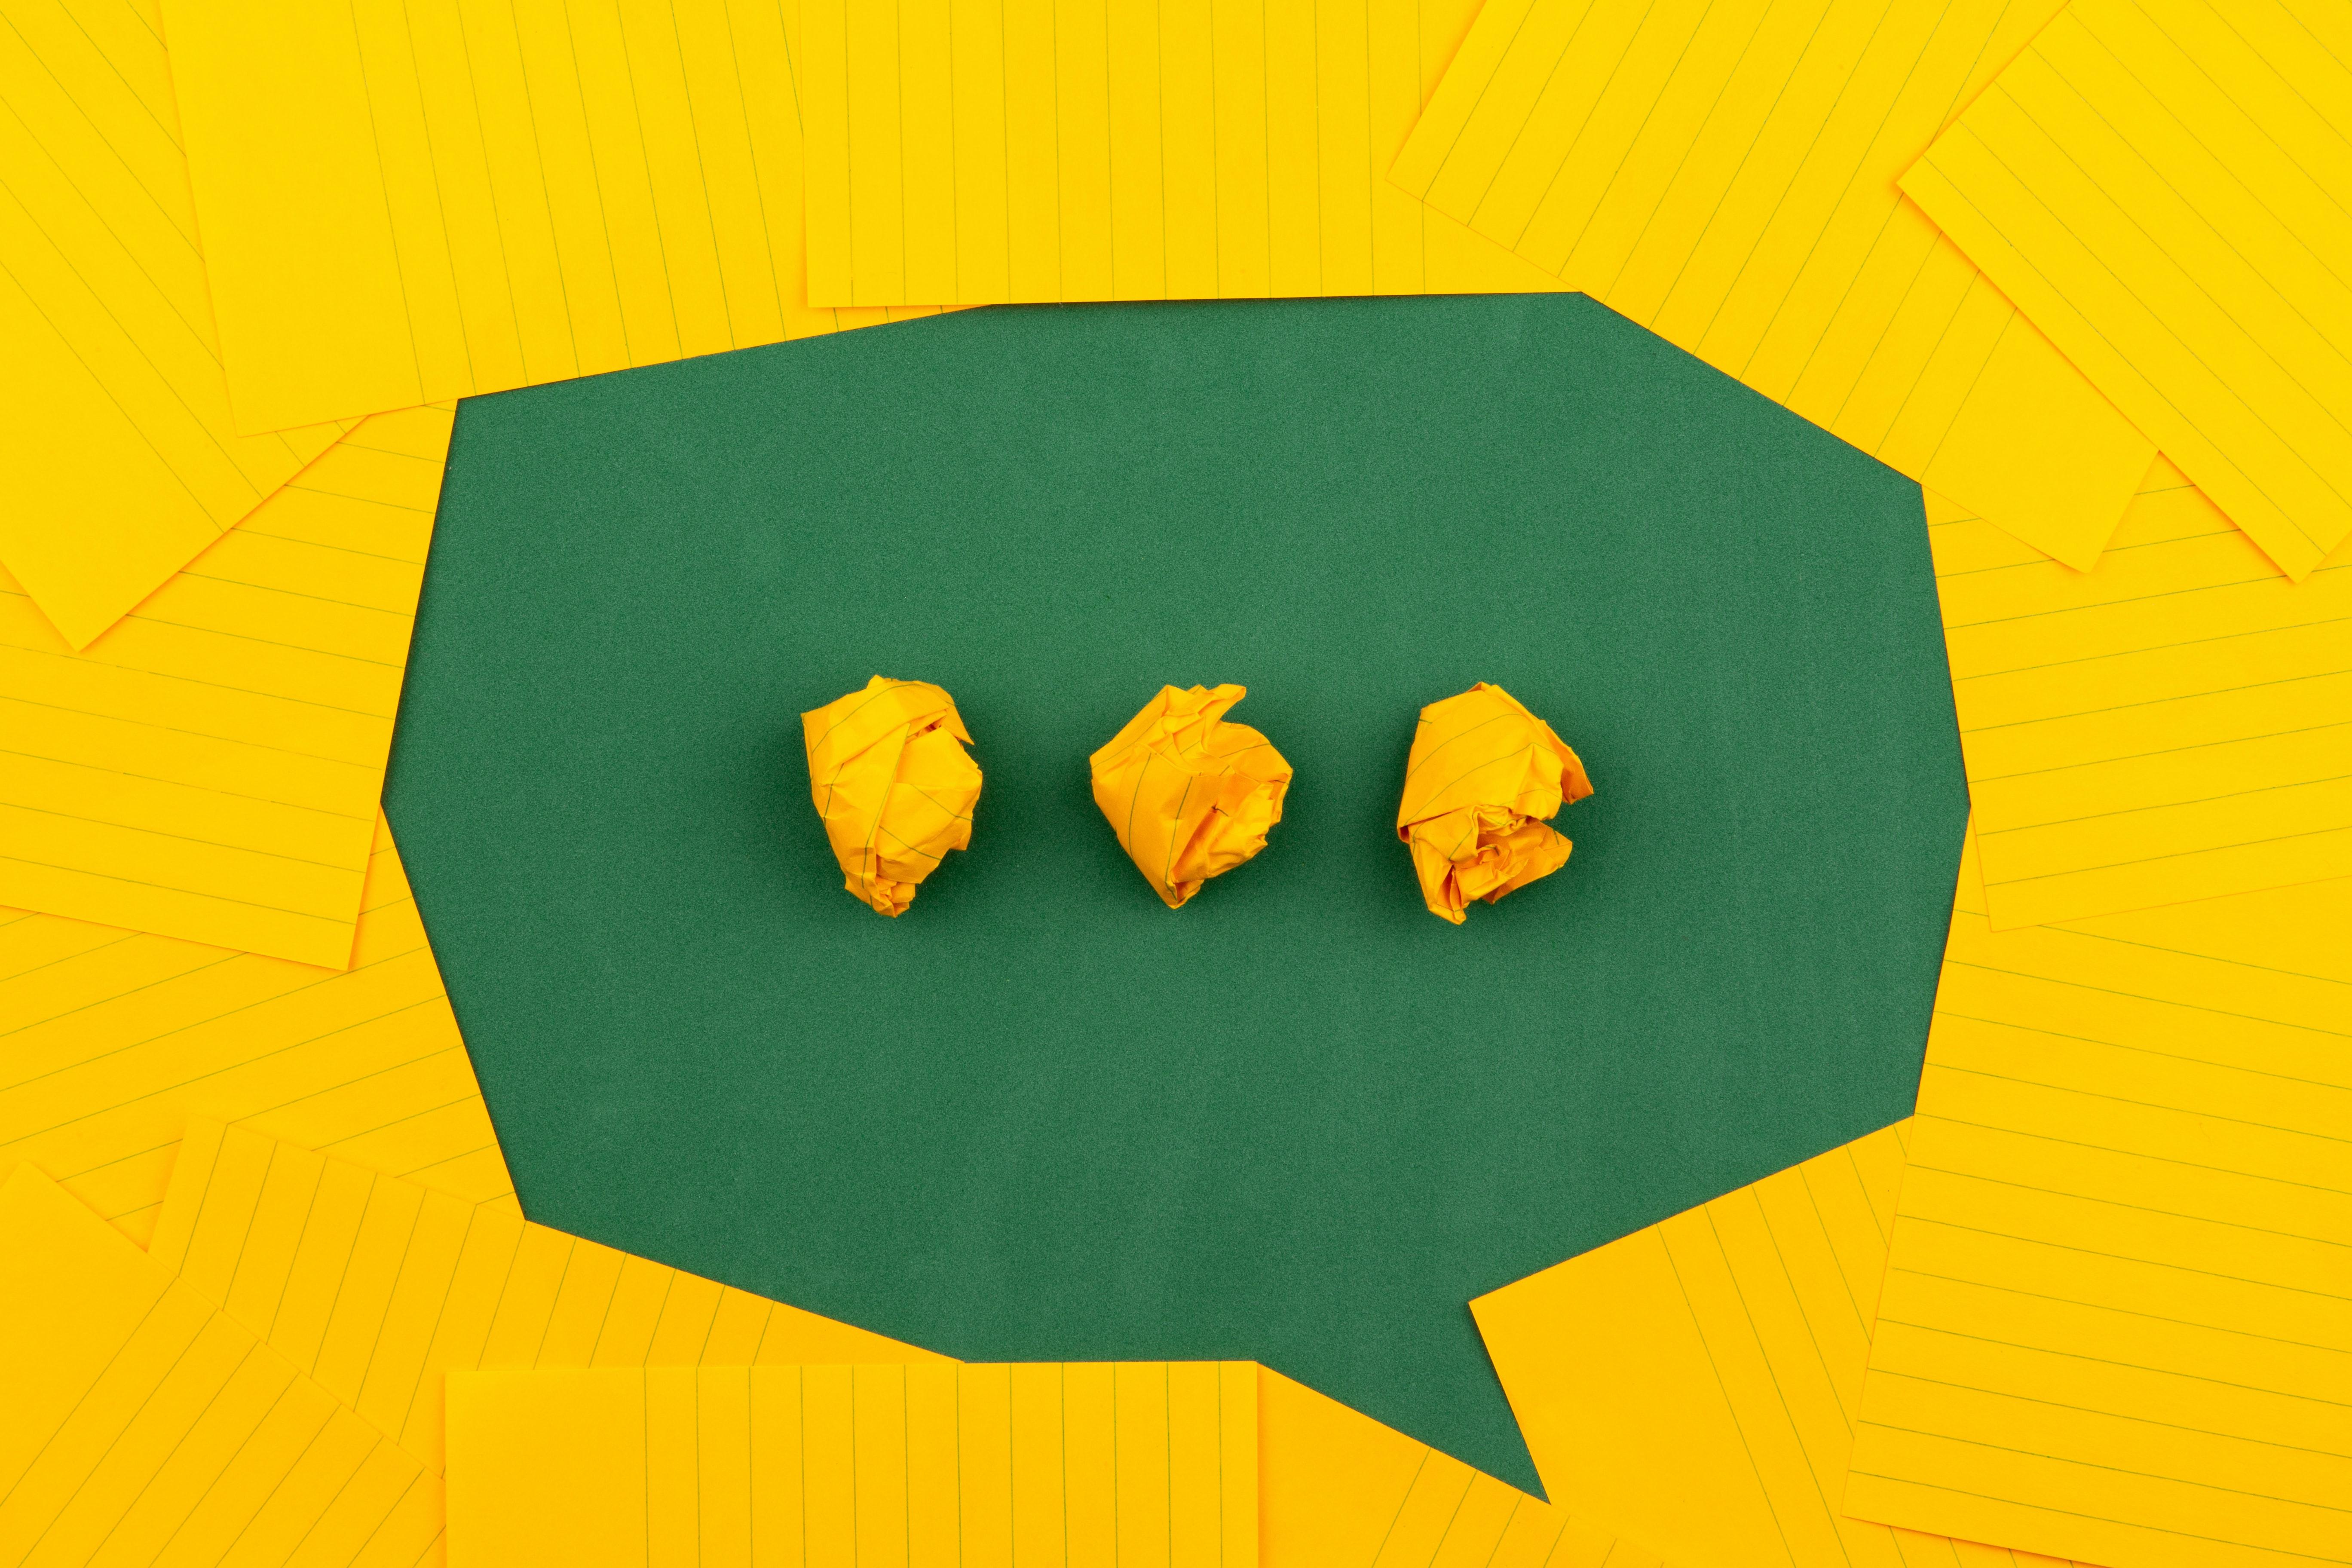 Speech bubble made of yellow paper. Photo courtesy of Volodymyr Hyrshchenko on Unsplash.